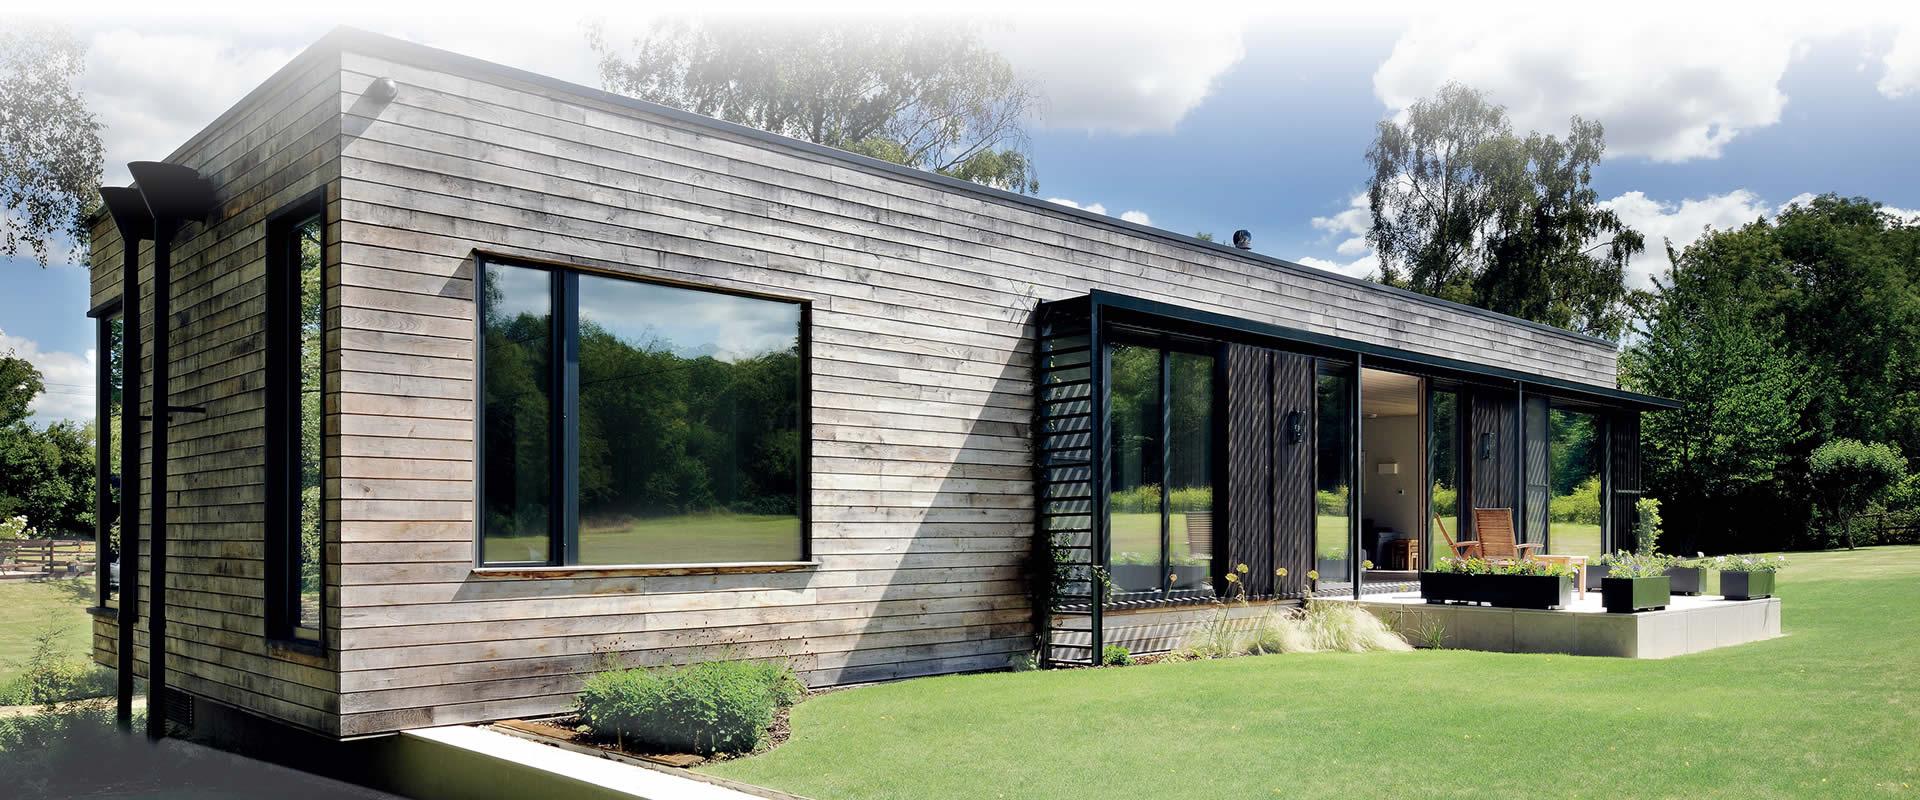 Casas prefabricadas viviendas prefabricadas casas vespucio for Modelos de casas prefabricadas americanas